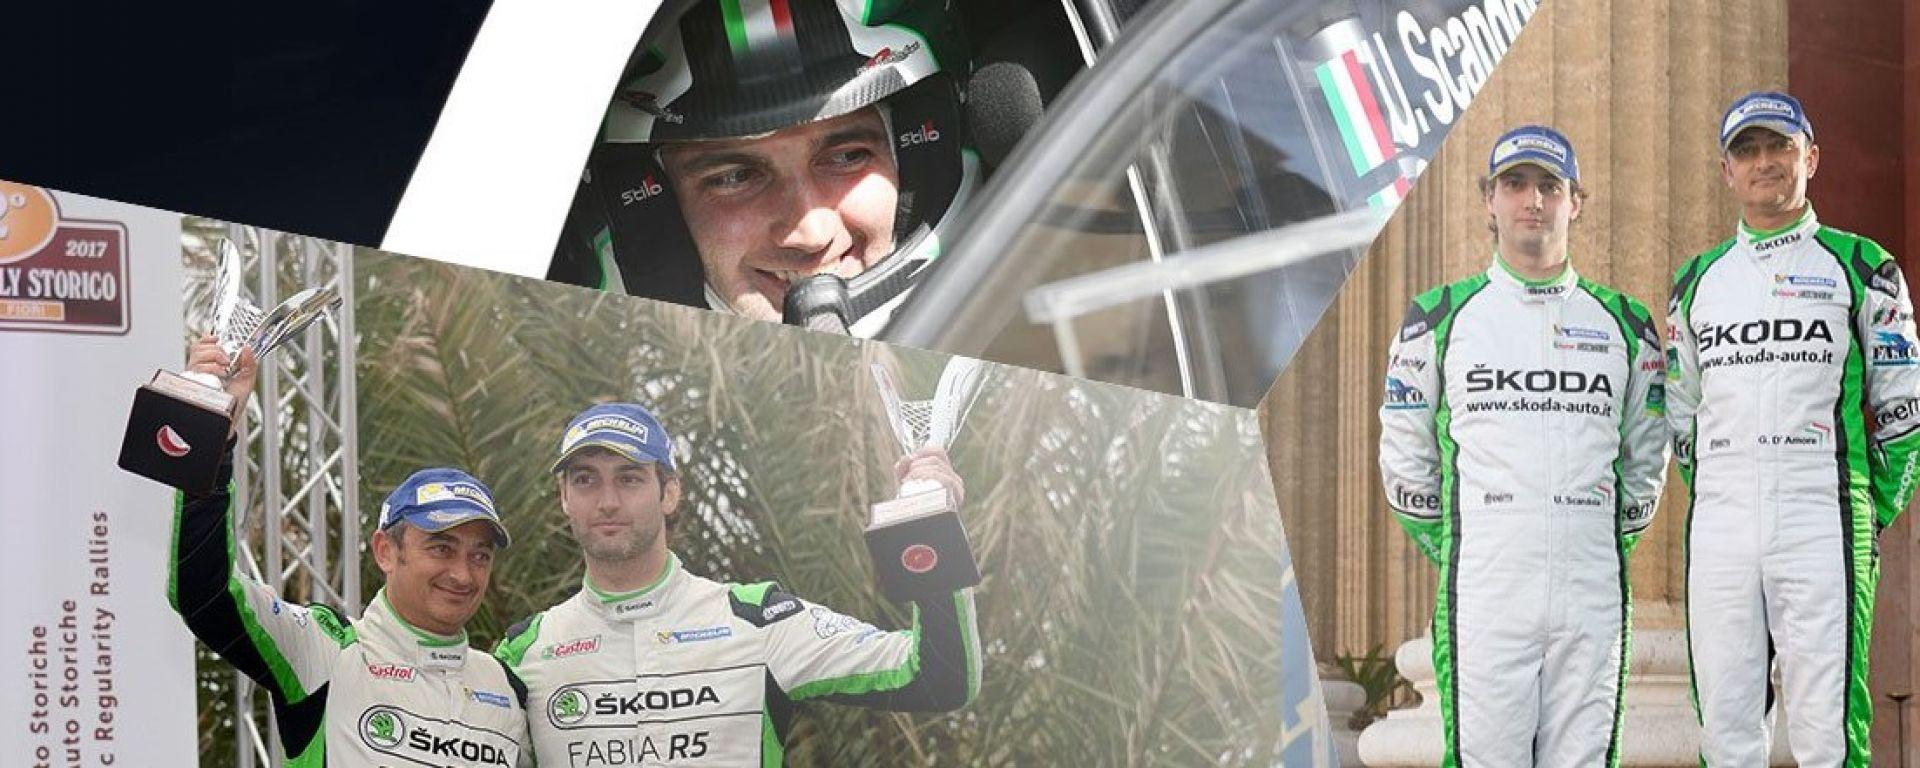 Team Skoda Motorsport Italia al CIR 2018